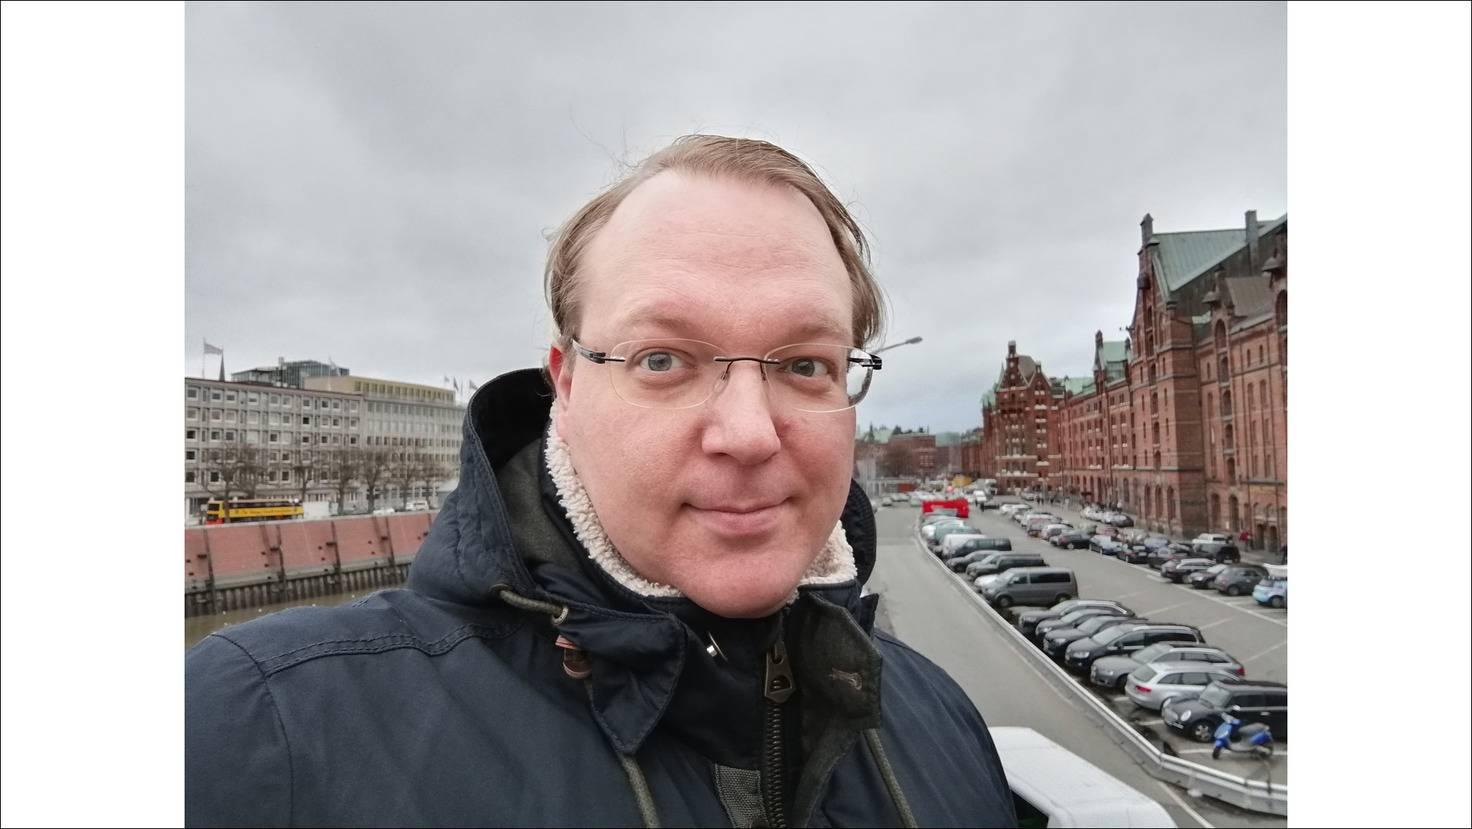 Die Selfie-Kamera knipst ordentliche Porträtfotos.